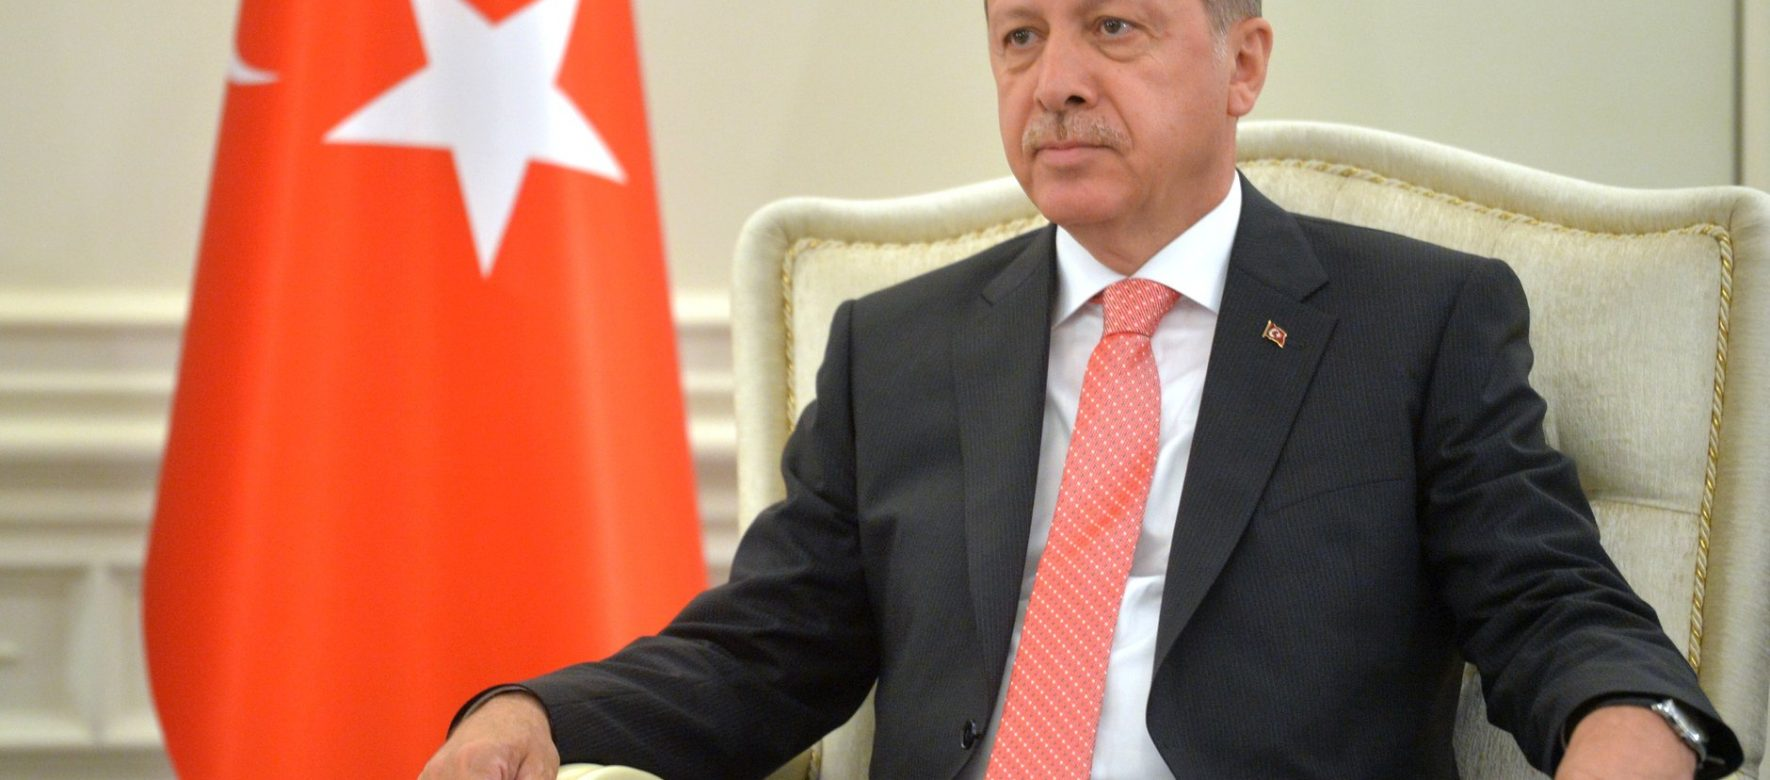 La Turquie autorise une intervention militaire en Libye